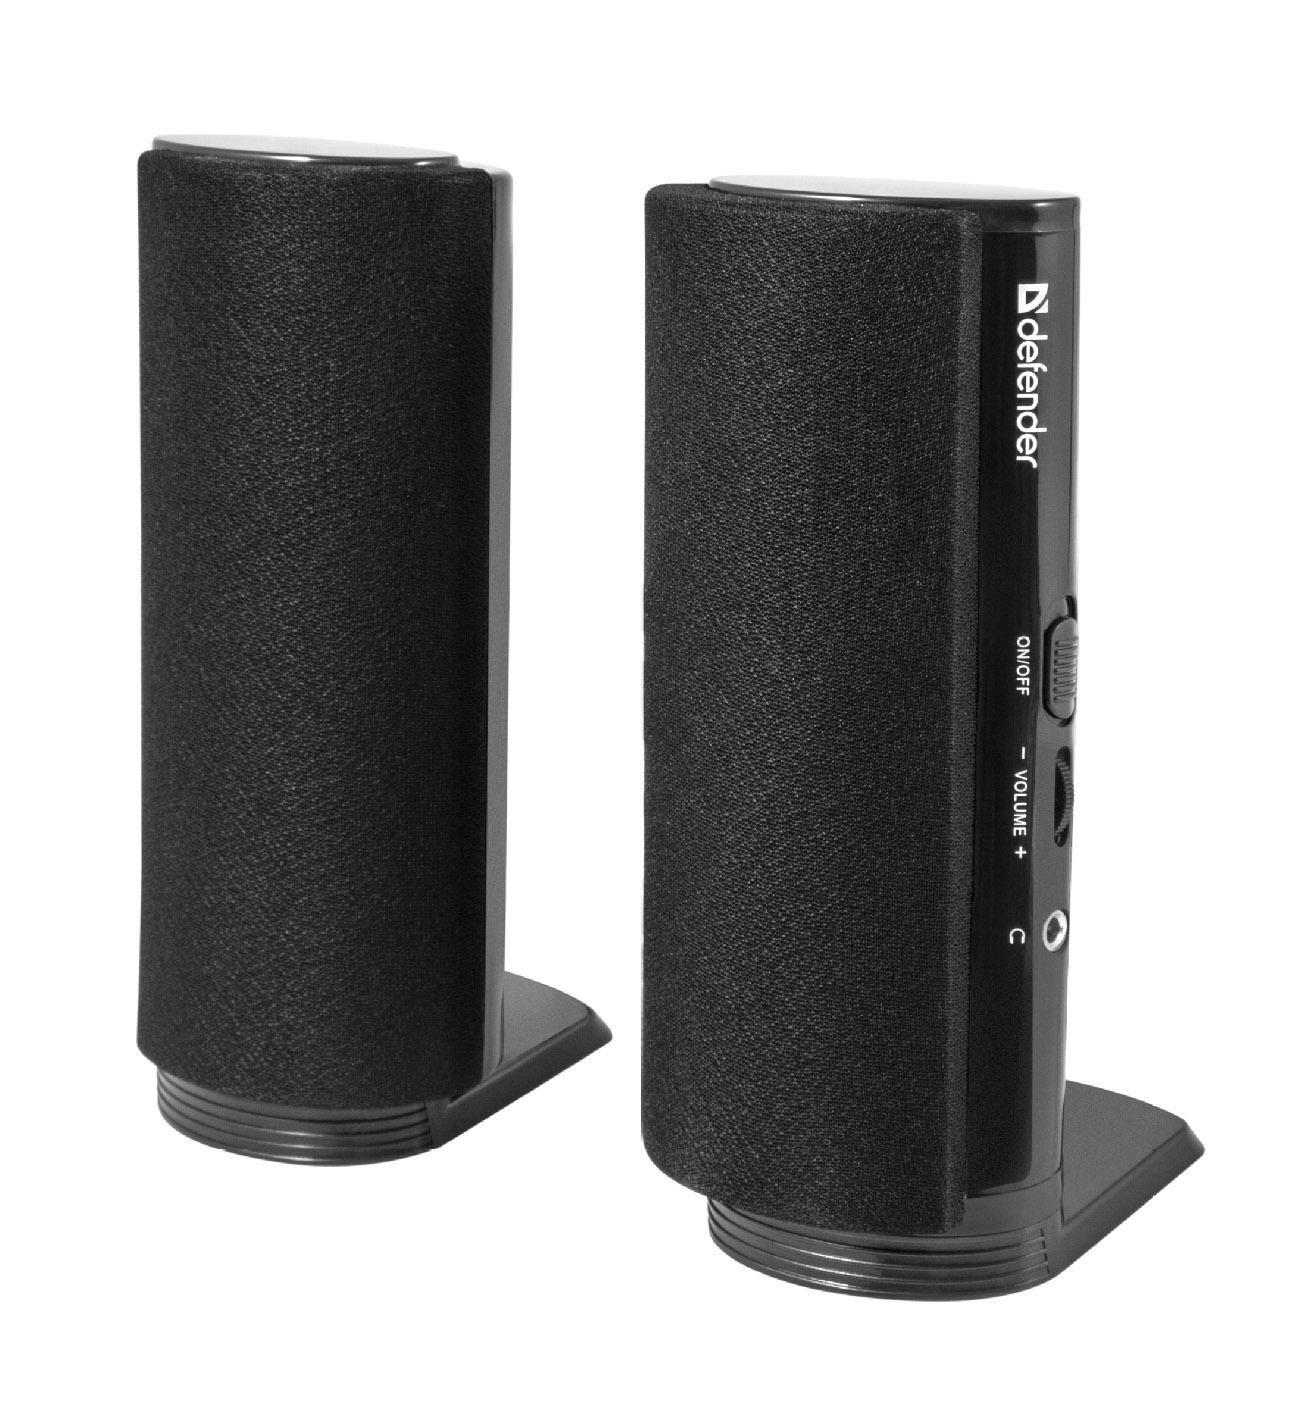 Defender SPK-210 акустическая система 2.0 акустическая система 2 0 spk 22 black 65503 defender